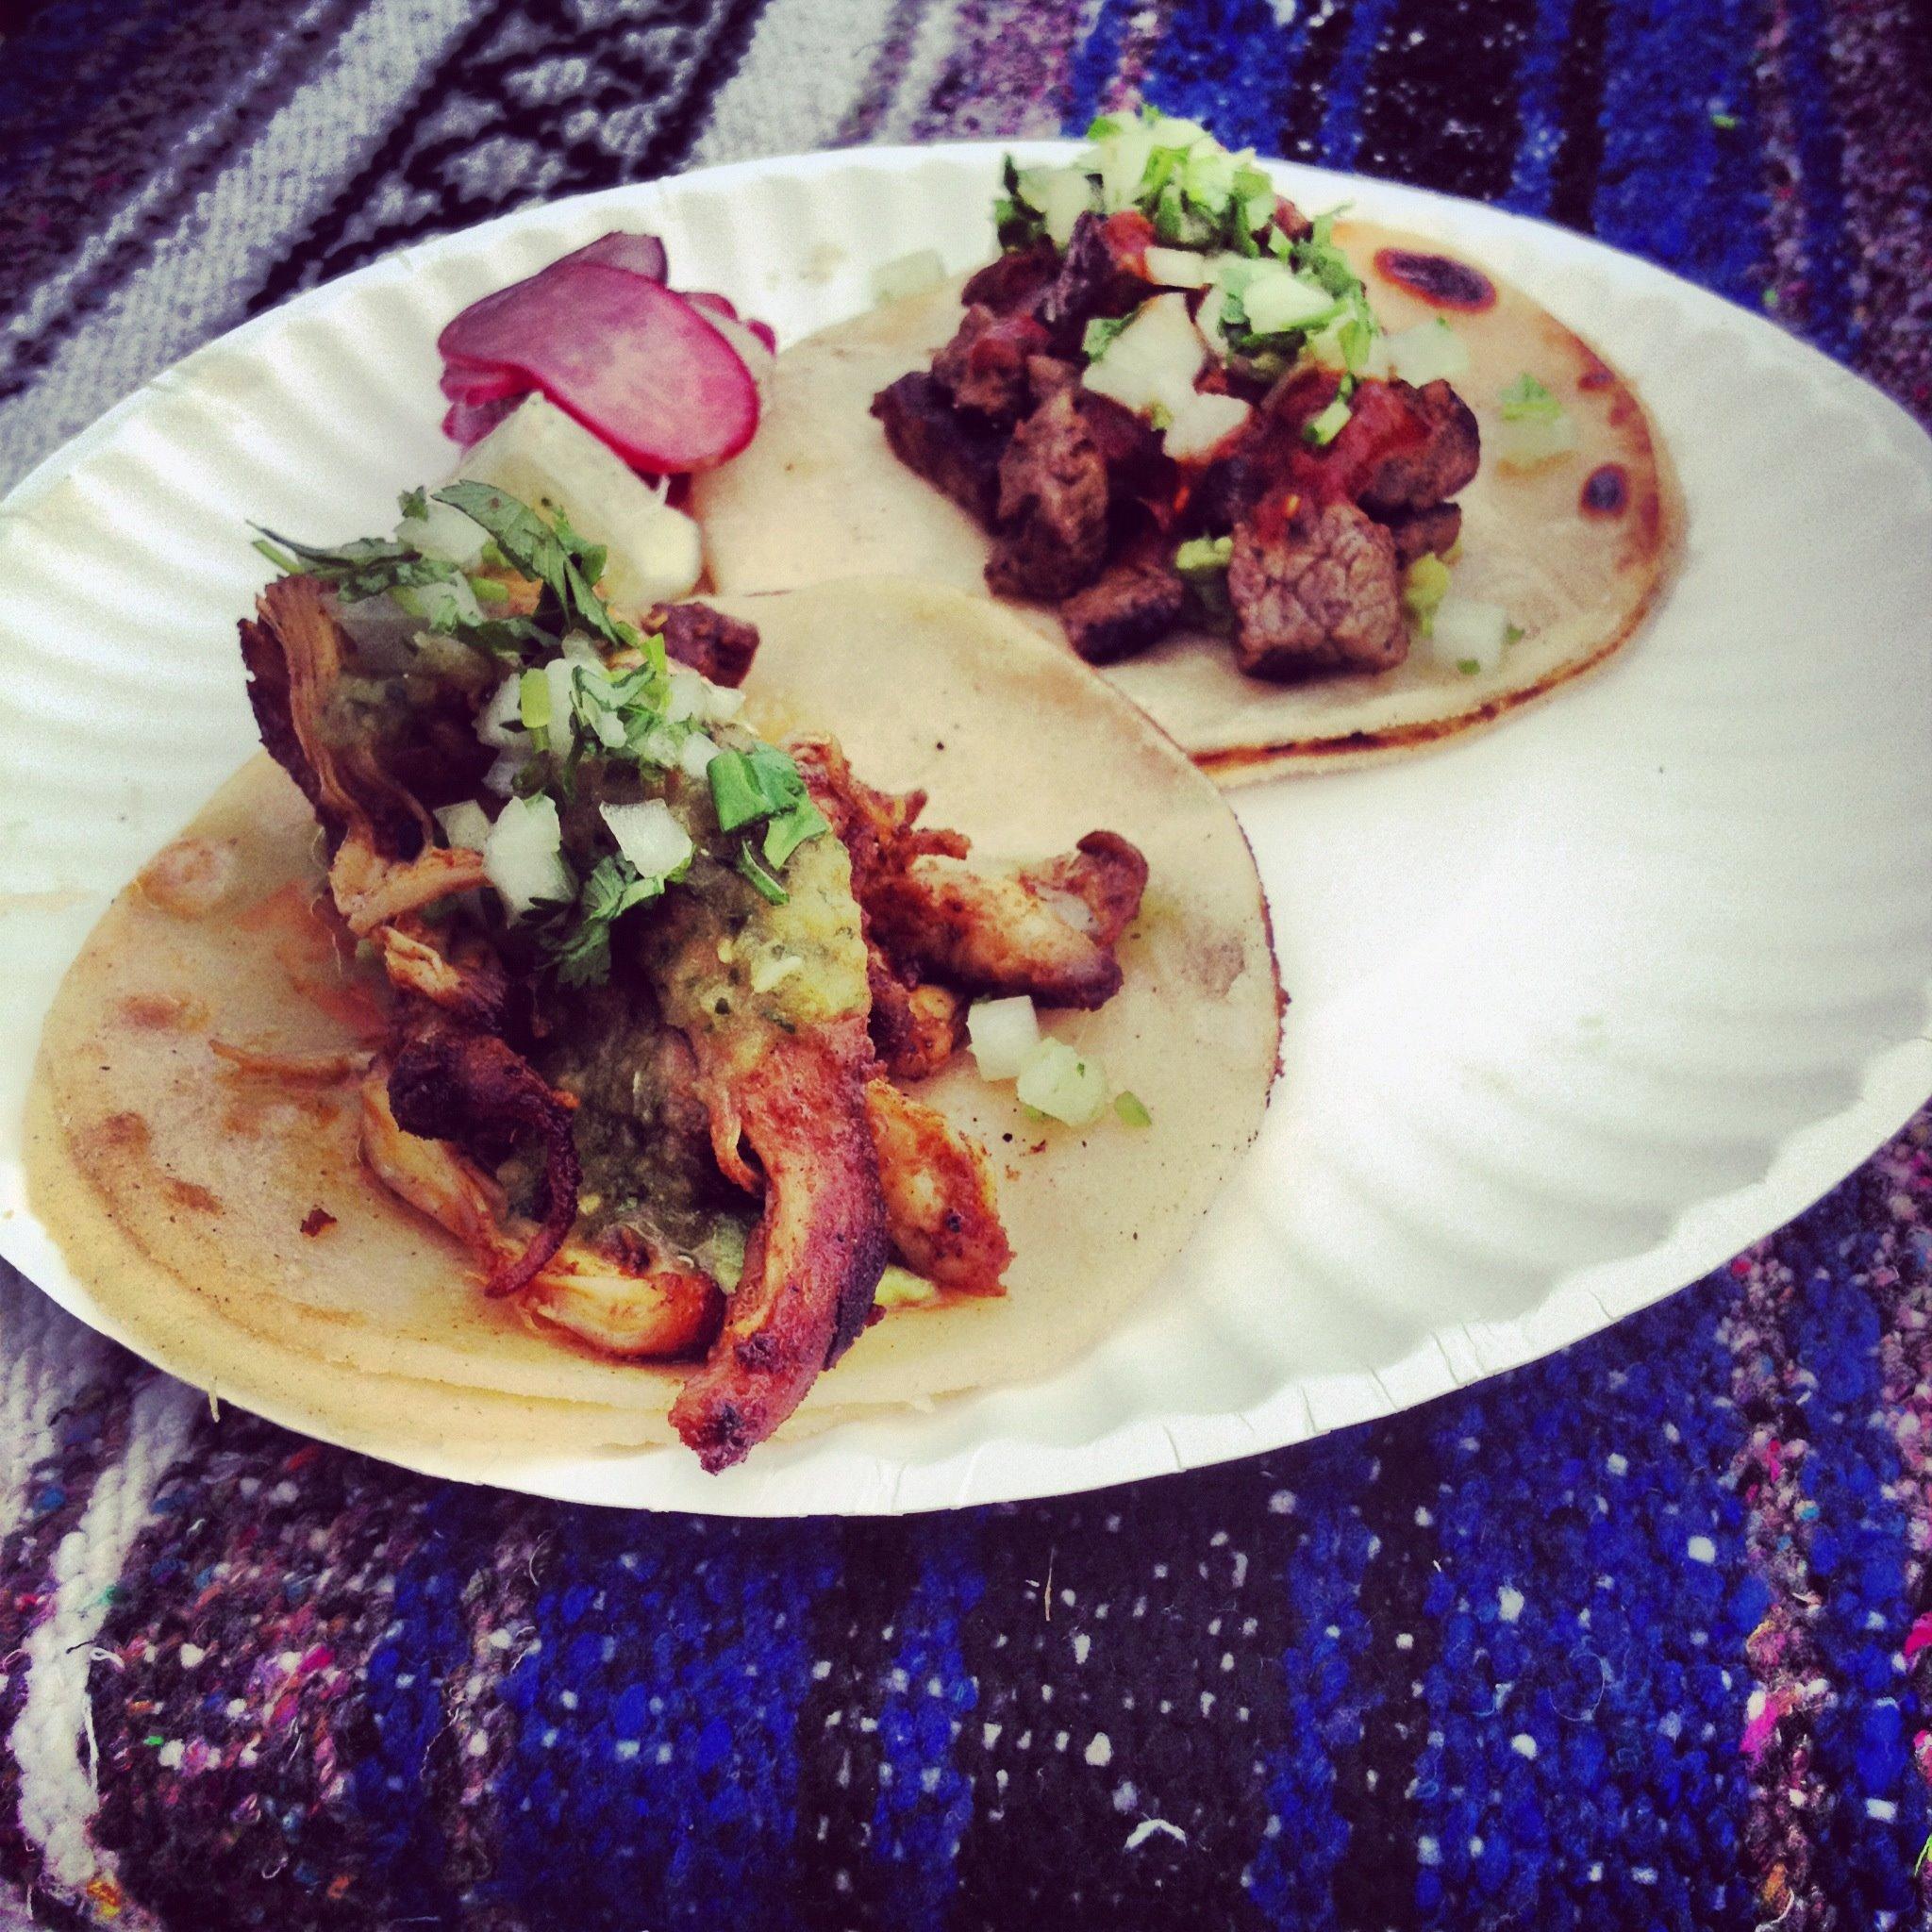 Tallulah's Tacos